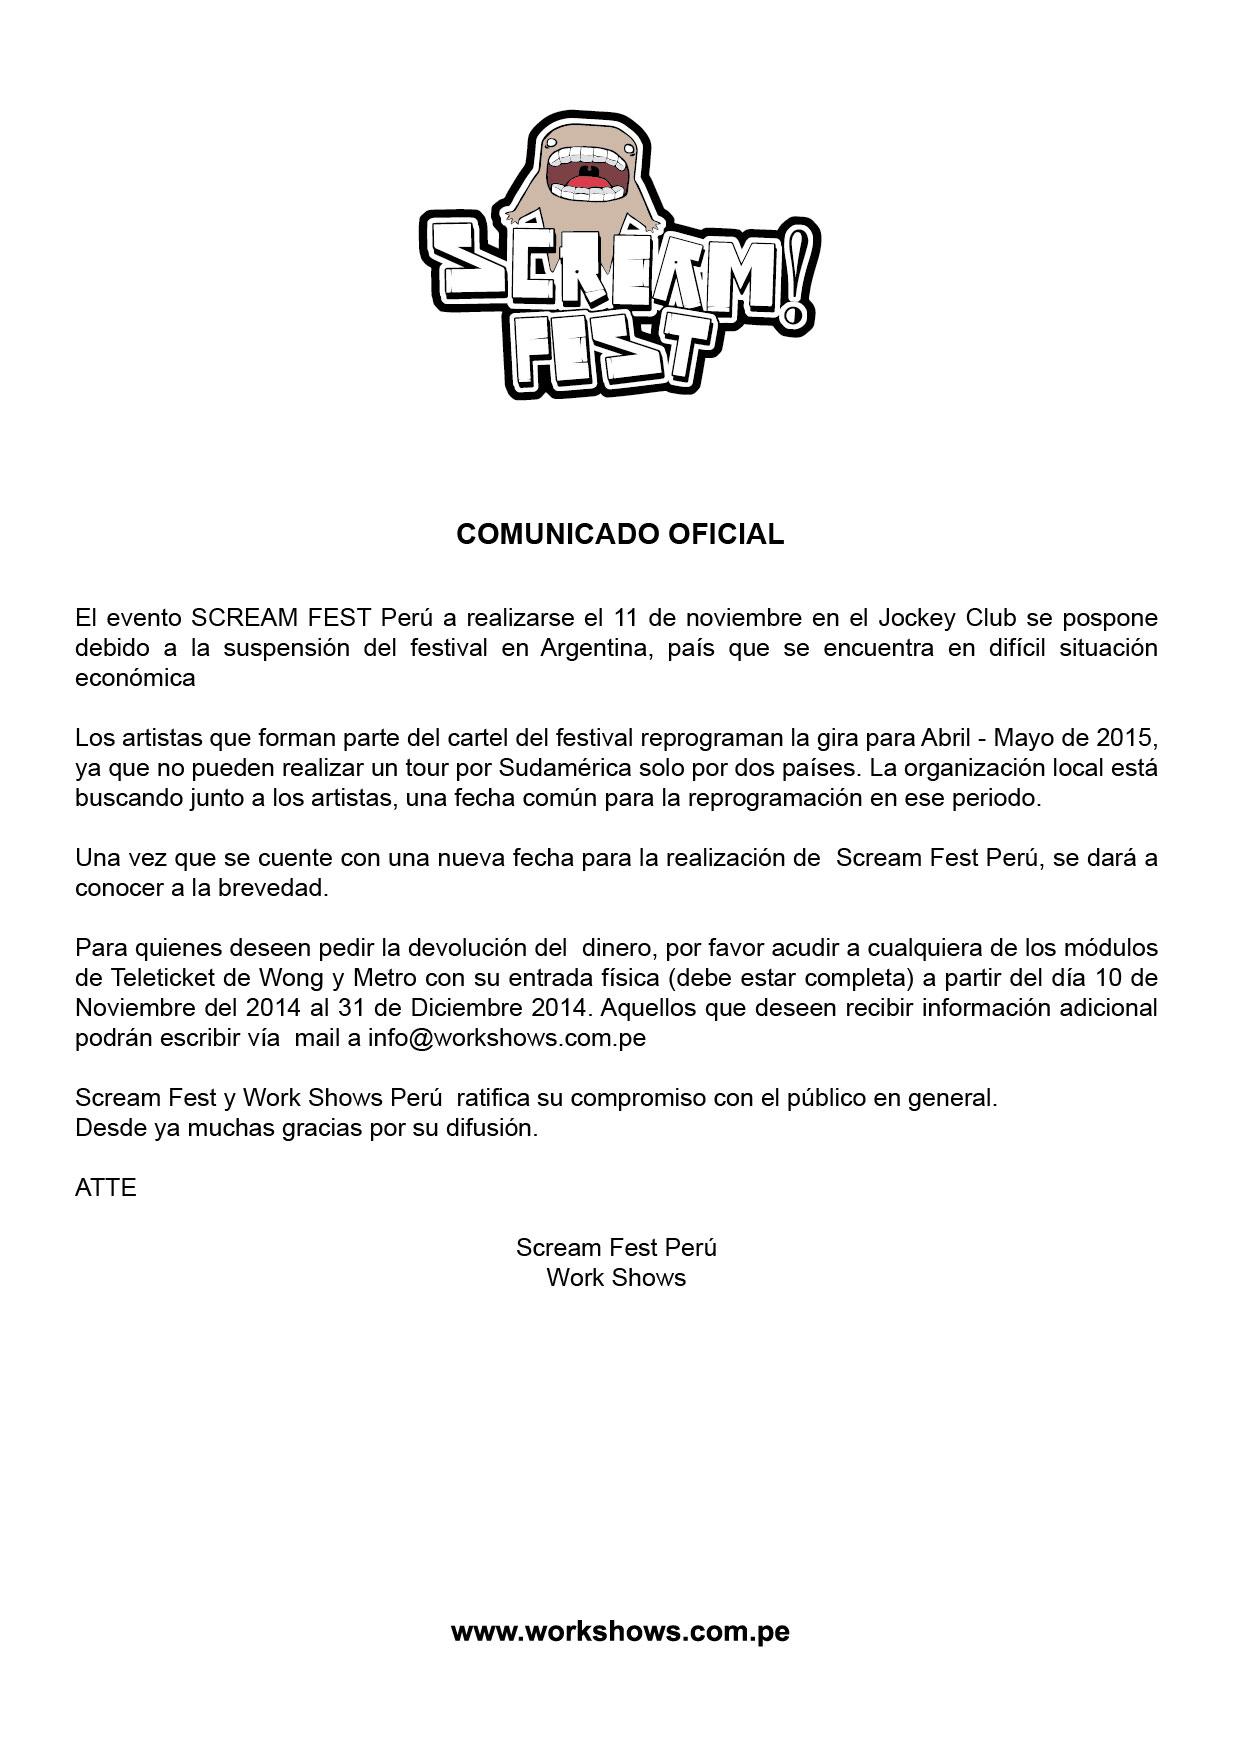 [Foto] Concierto de Austin Mahone en Lima se posterga hasta el 2015